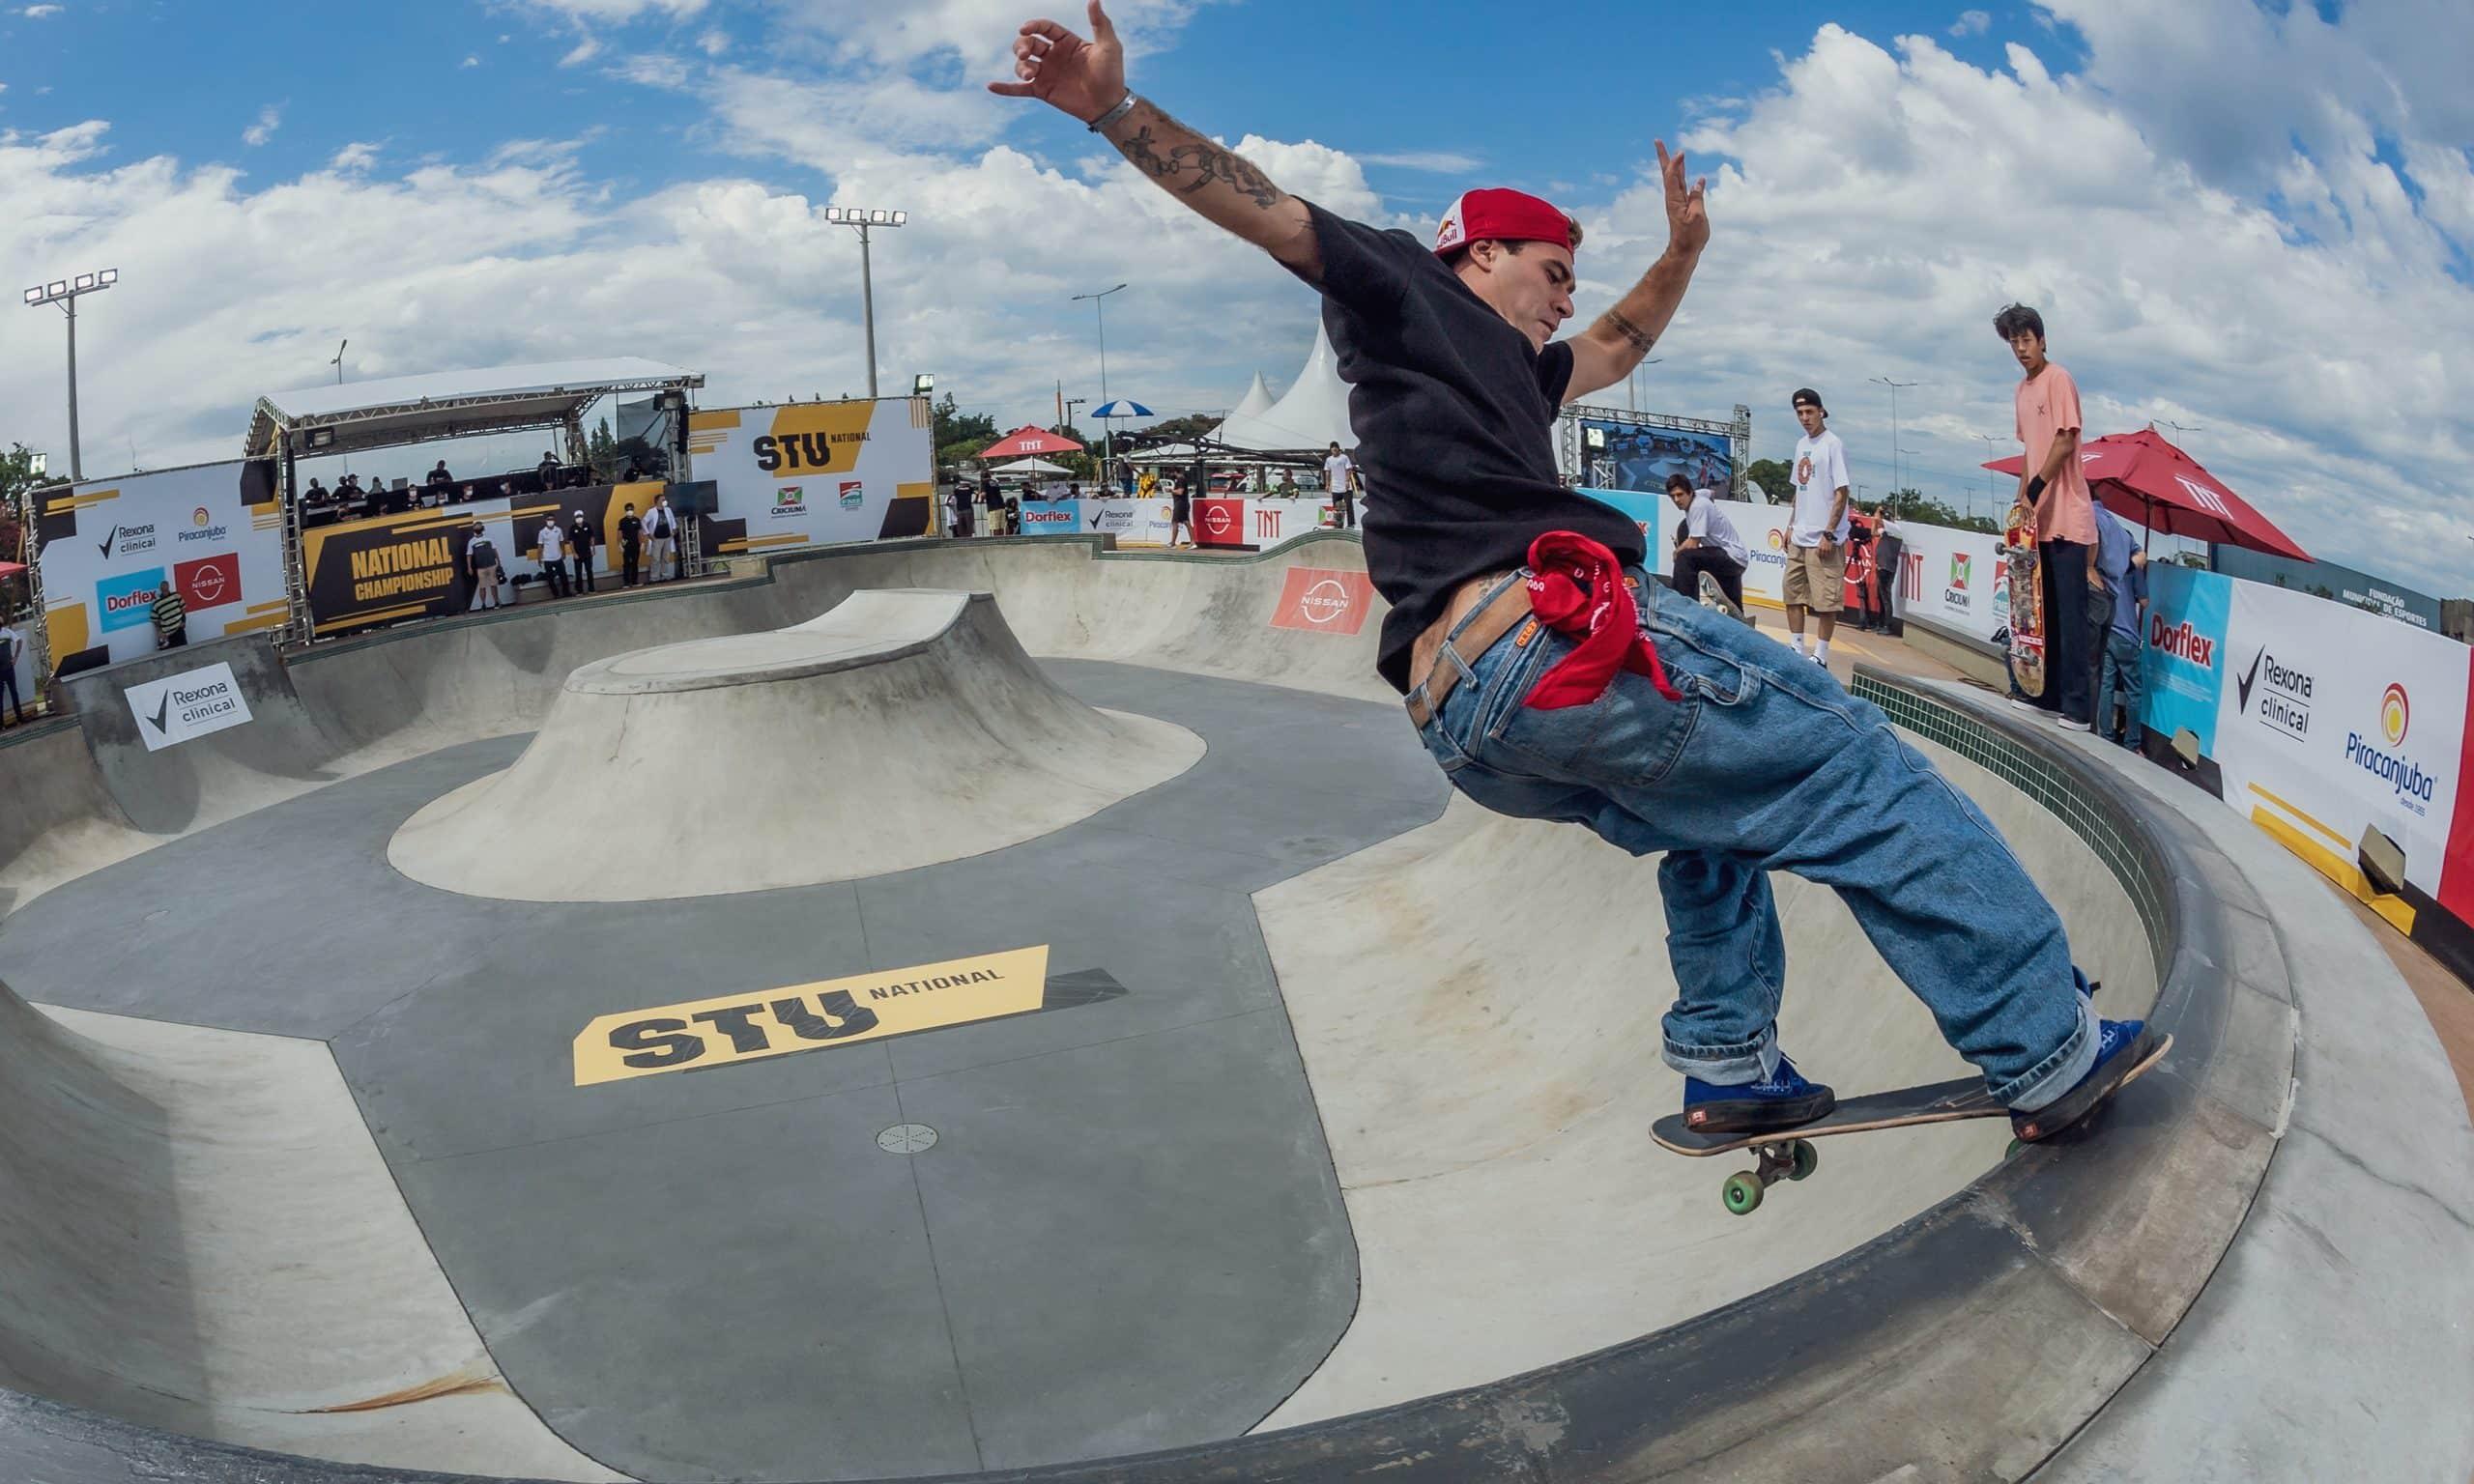 Pedro Barros campeão STU National Criciúma skate street skate park